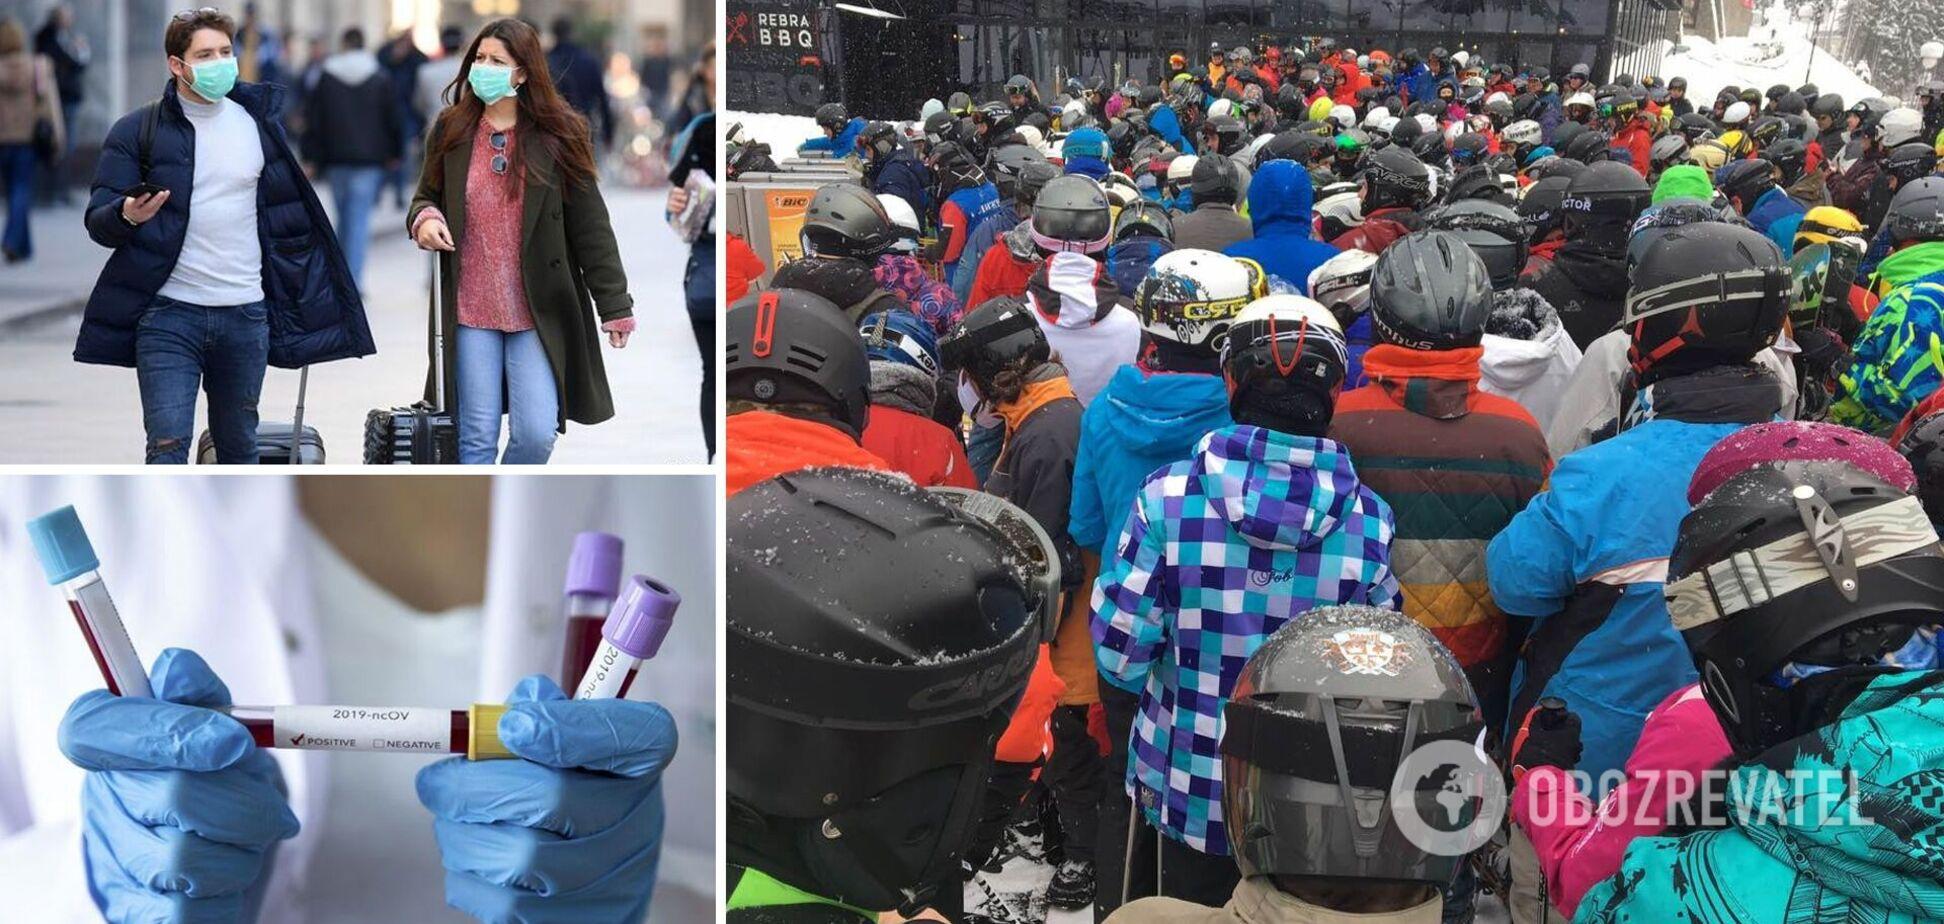 Бриль: українці привезуть коронавірус з гір в сім'ї та офіси. Інтерв'ю з лікарем з Ізраїлю